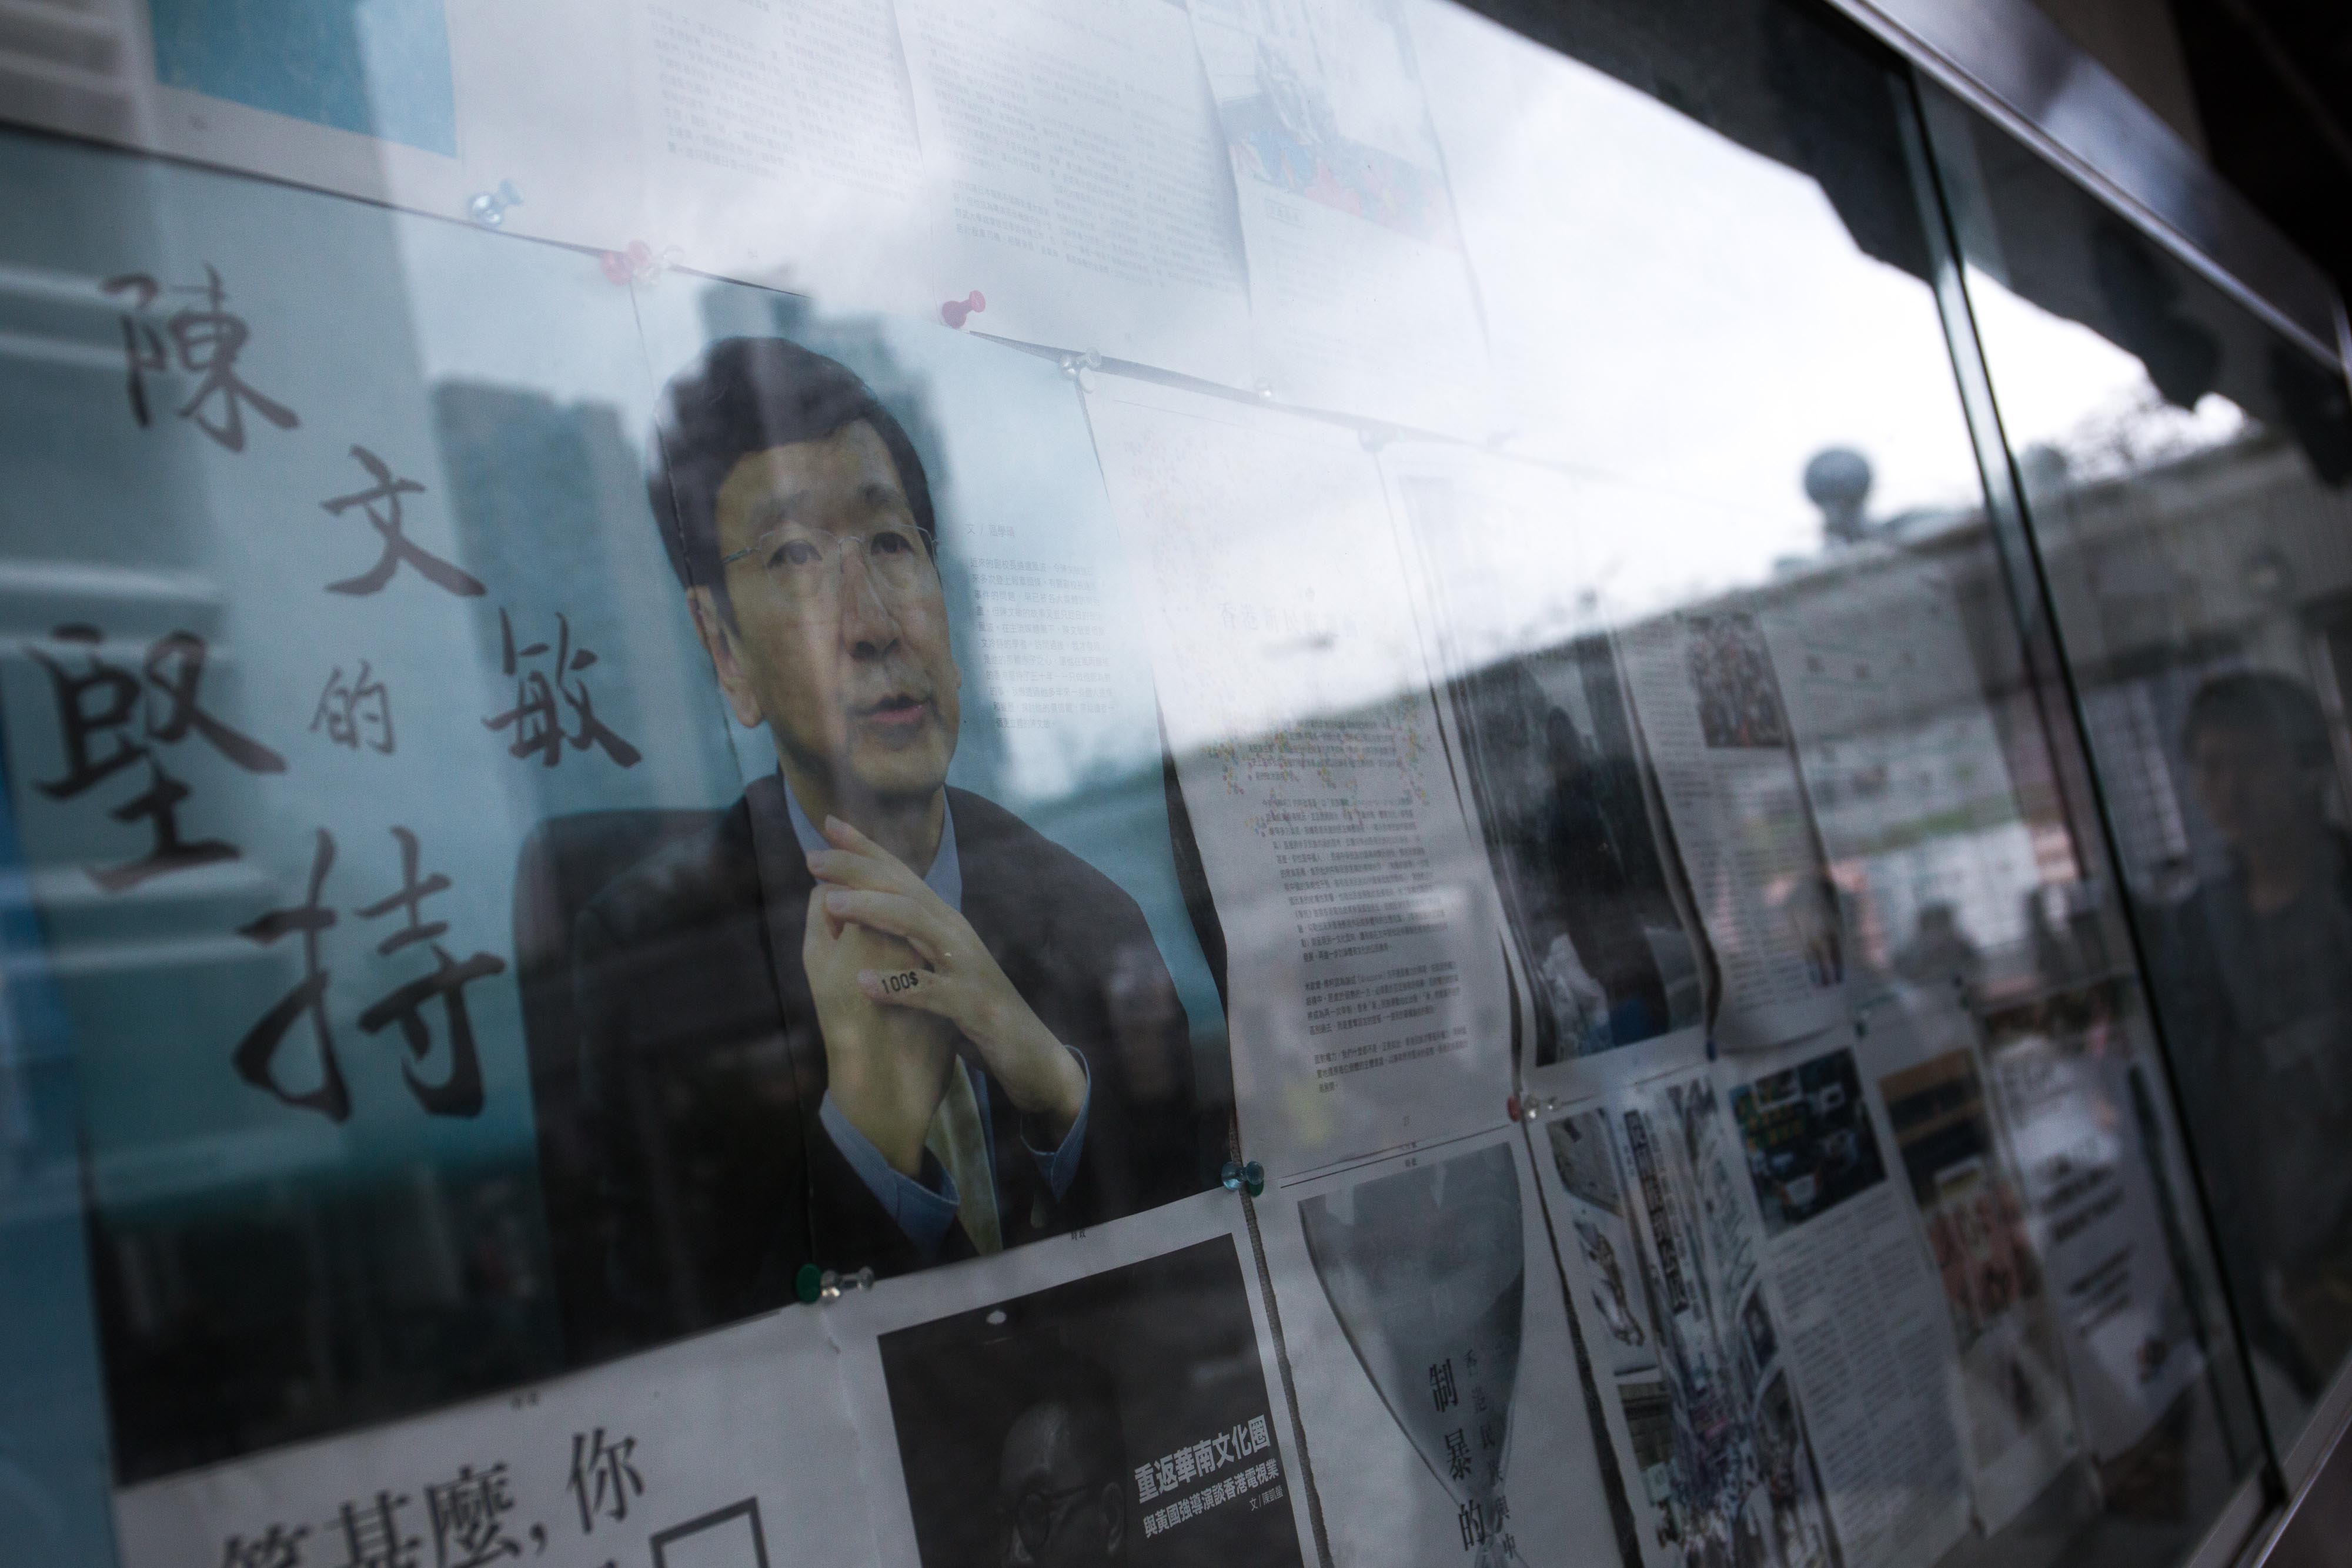 港大民主牆上貼有關於陳文敏事件的文章。攝:盧翊銘/端傳媒